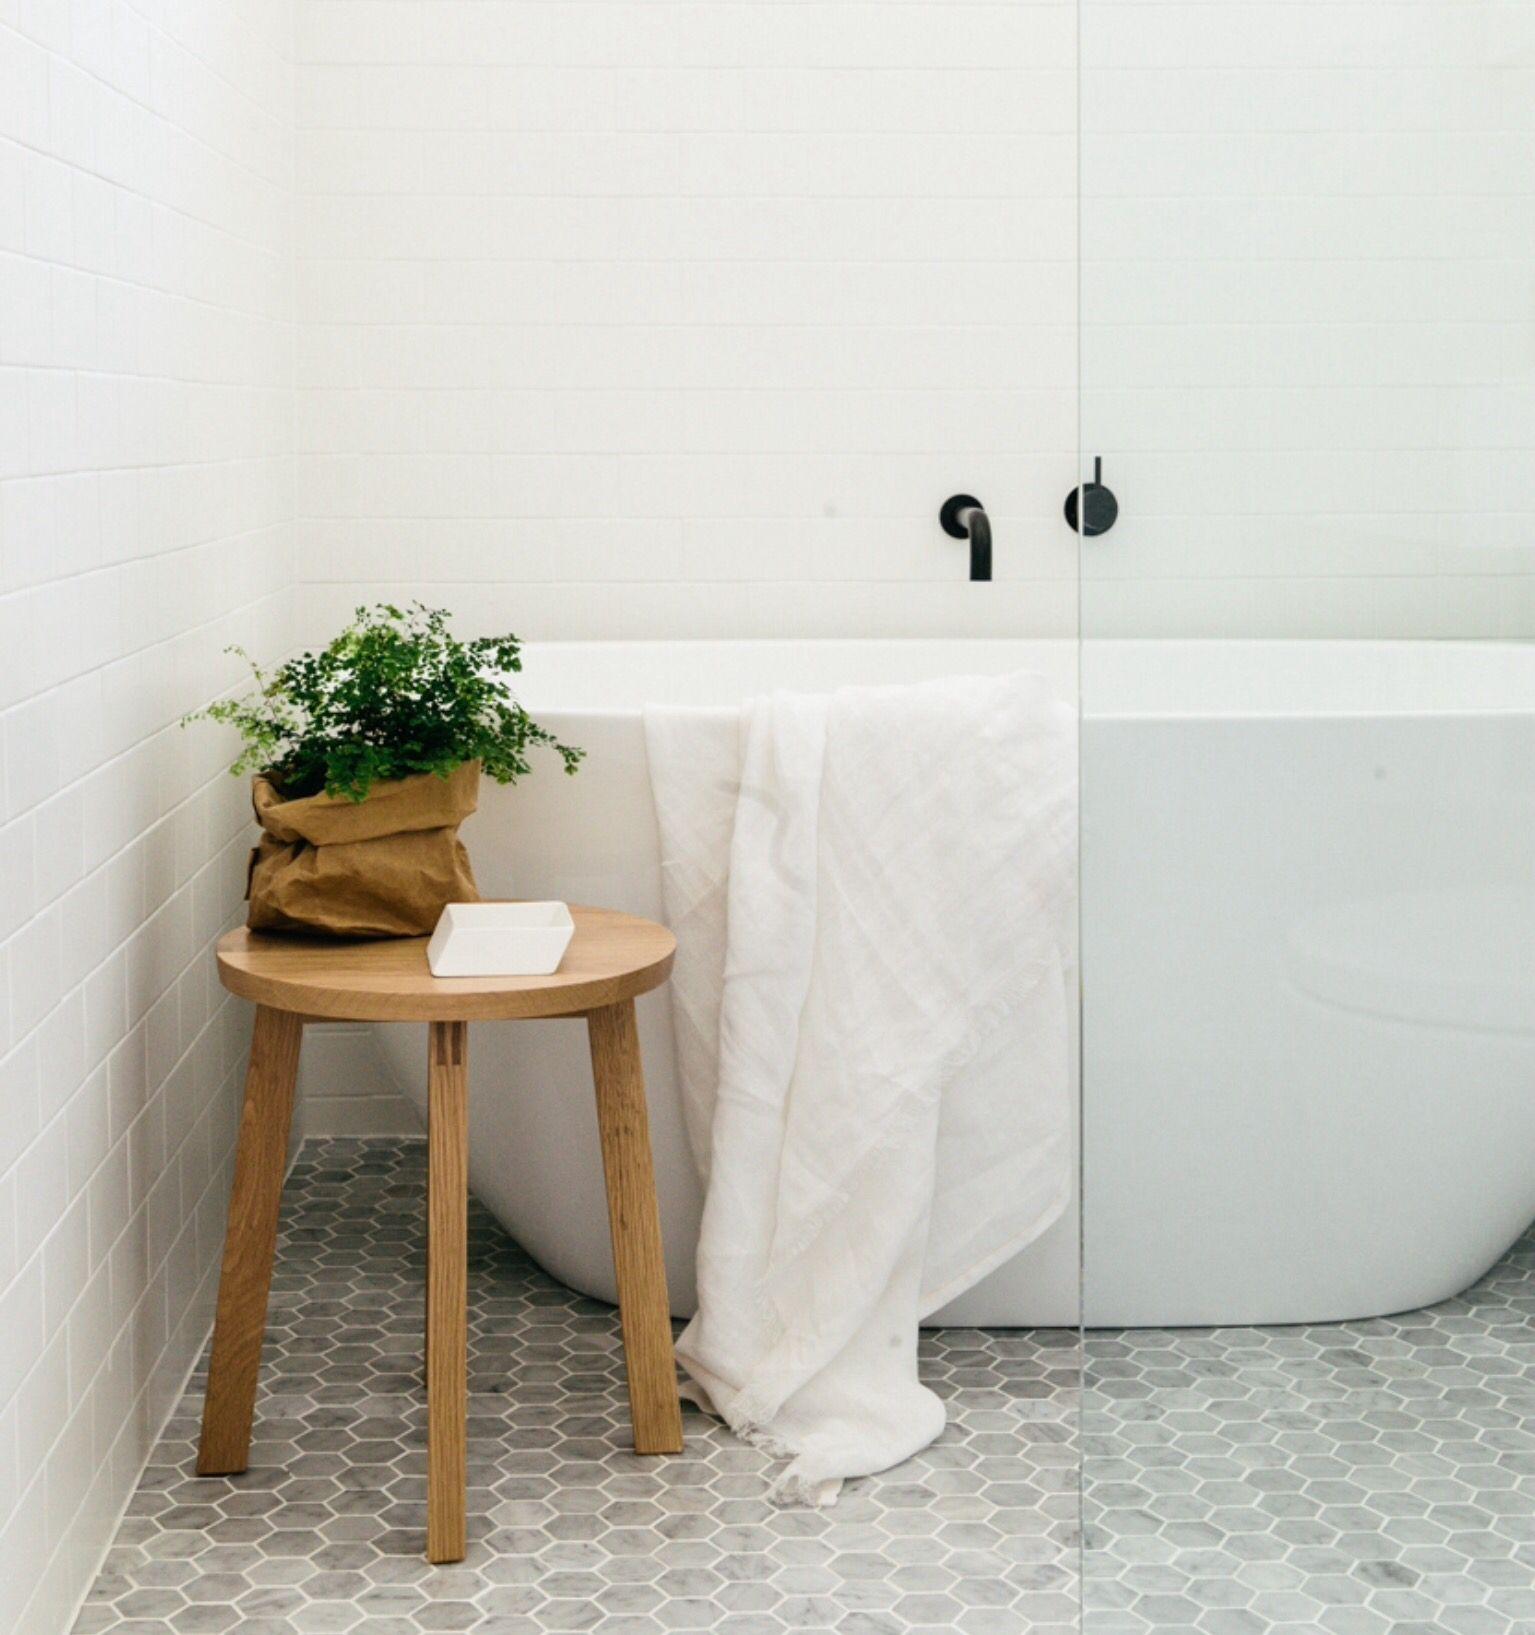 Tiles/black fittings